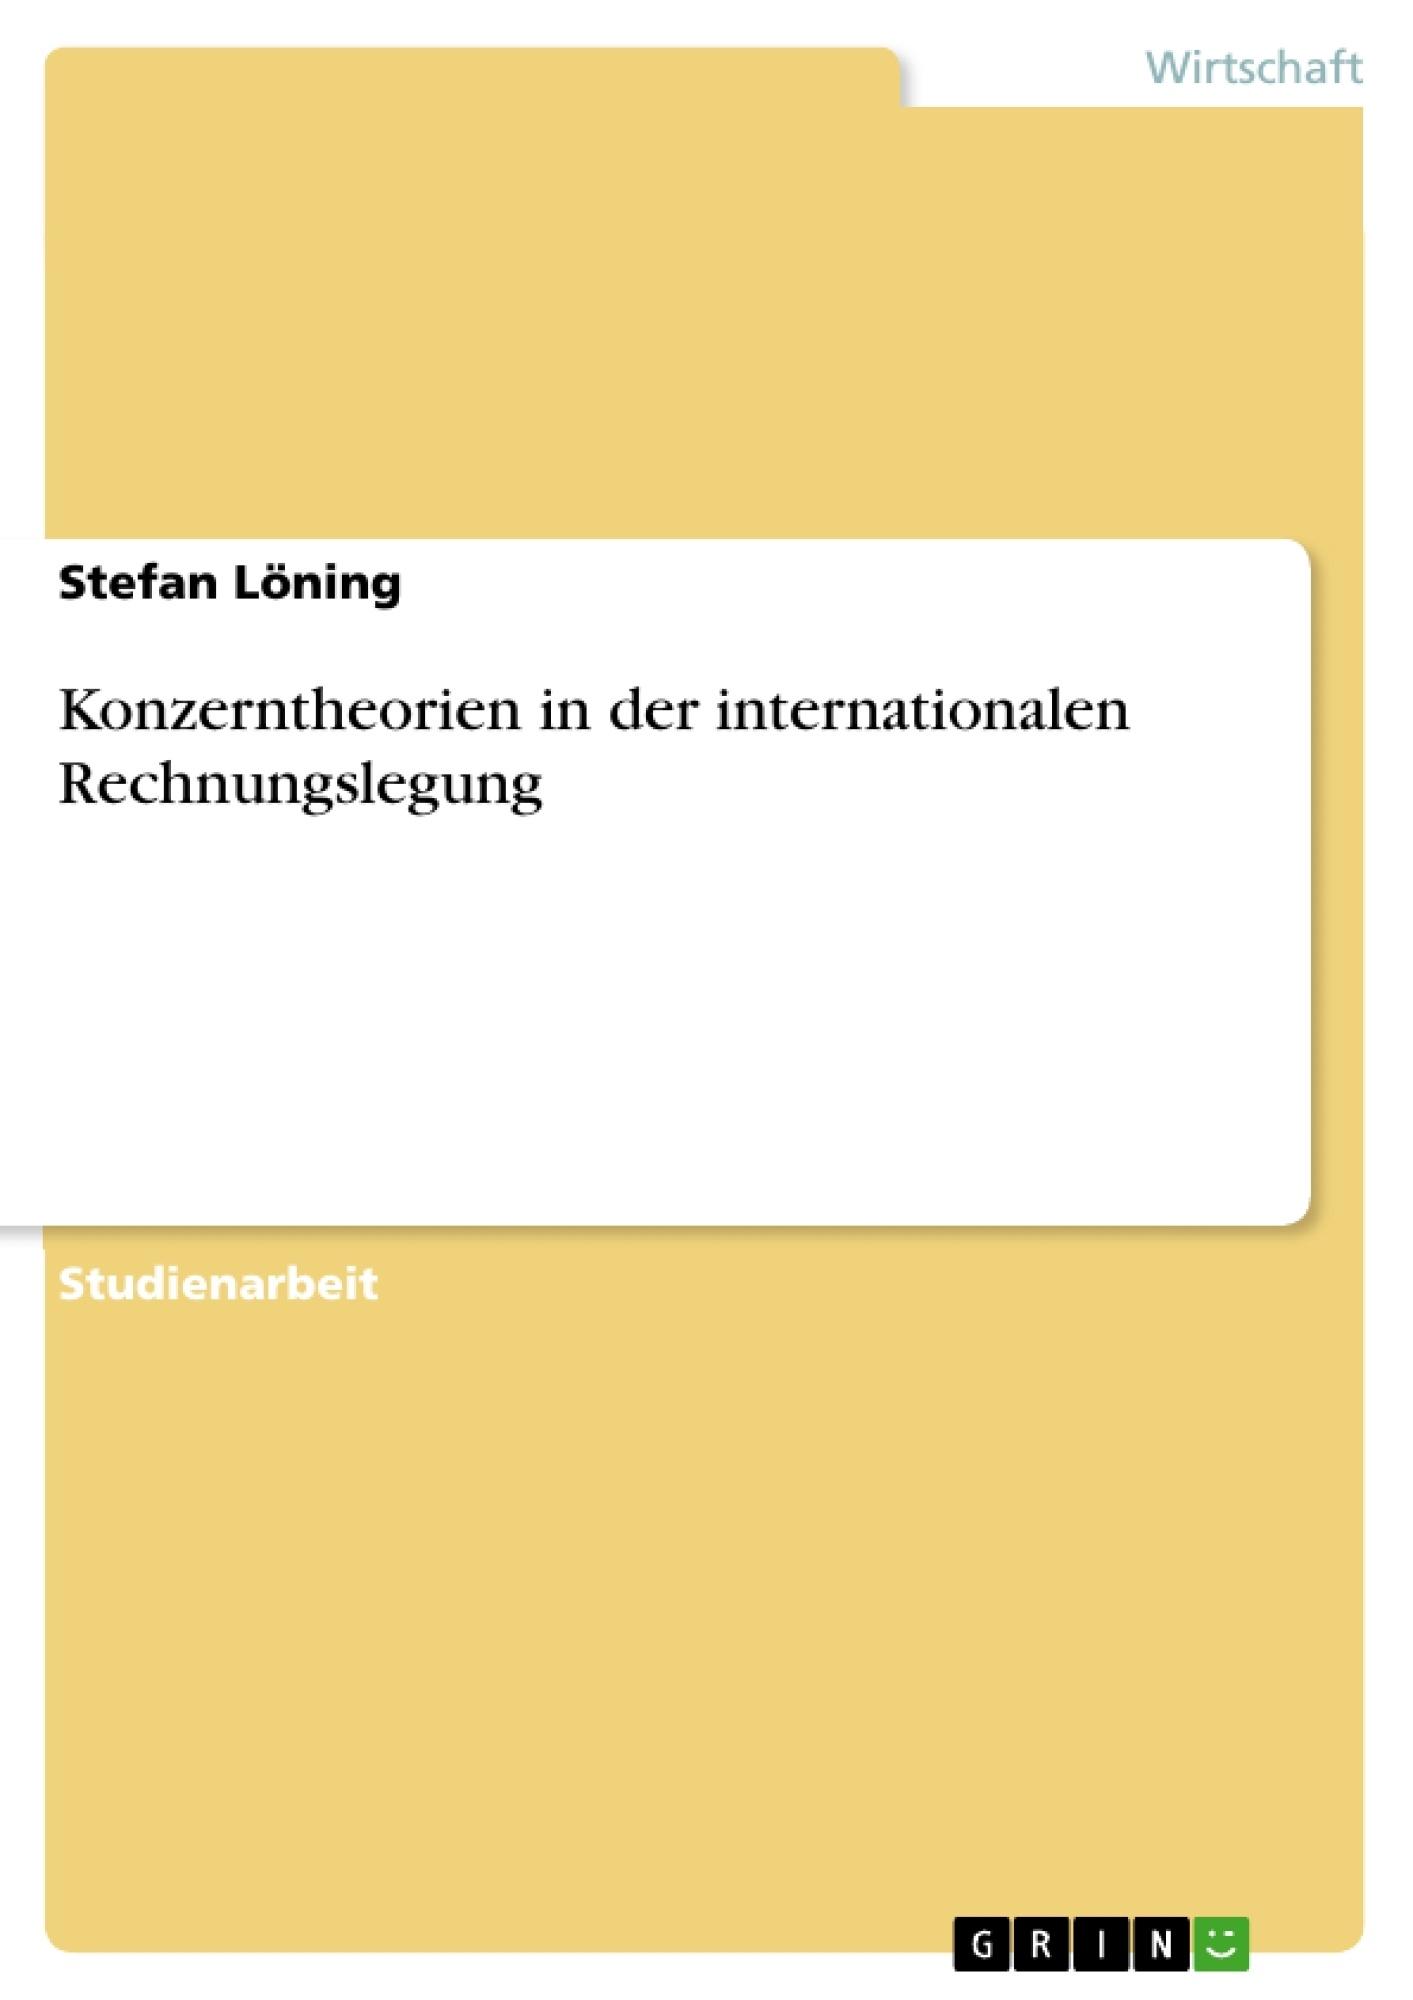 Titel: Konzerntheorien in der internationalen Rechnungslegung